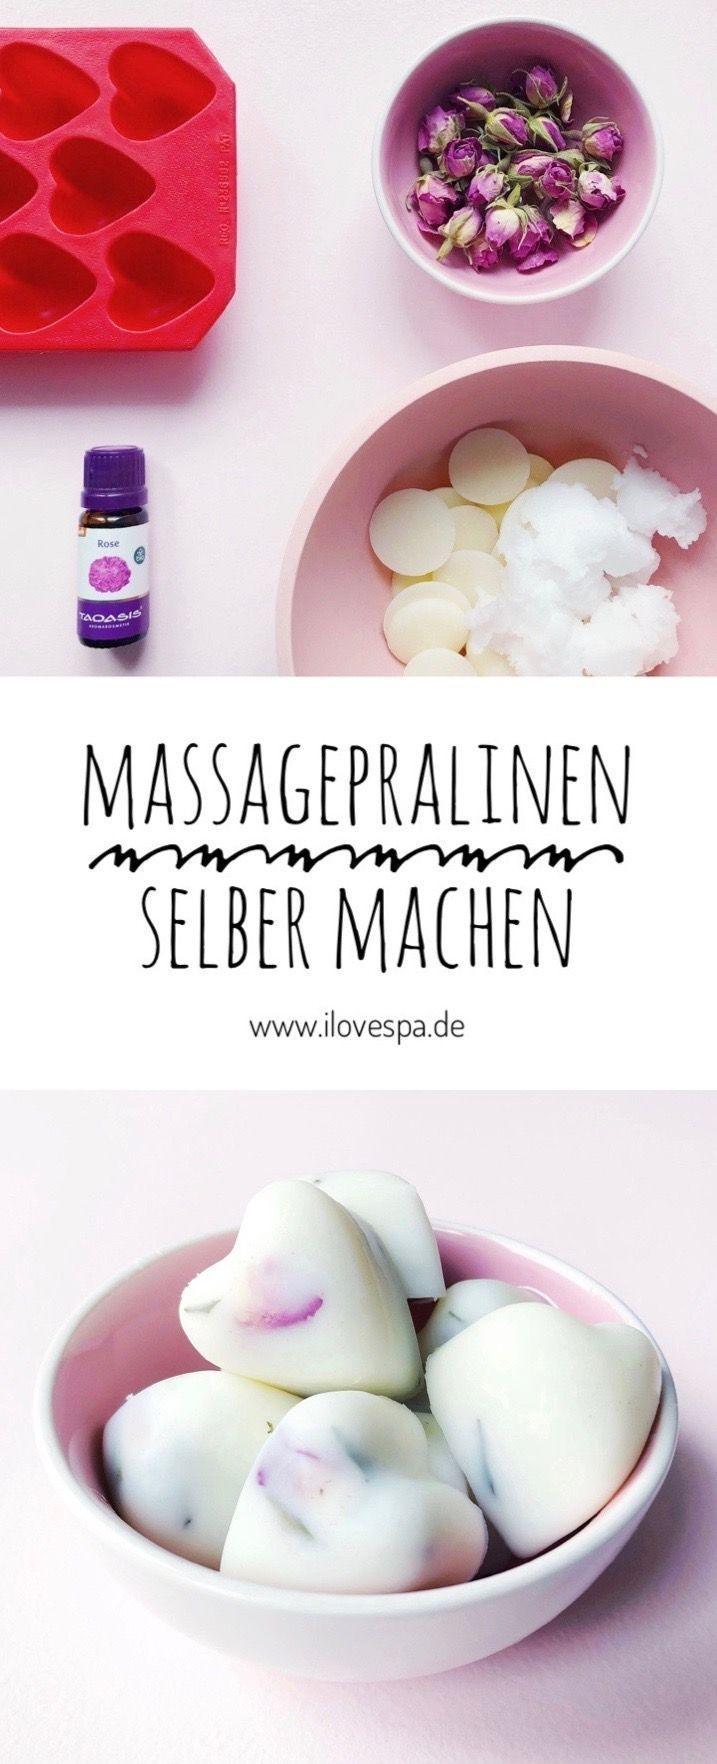 Massagepralinen selber machen aus 4 Zutaten - Valentinstag & Muttertag